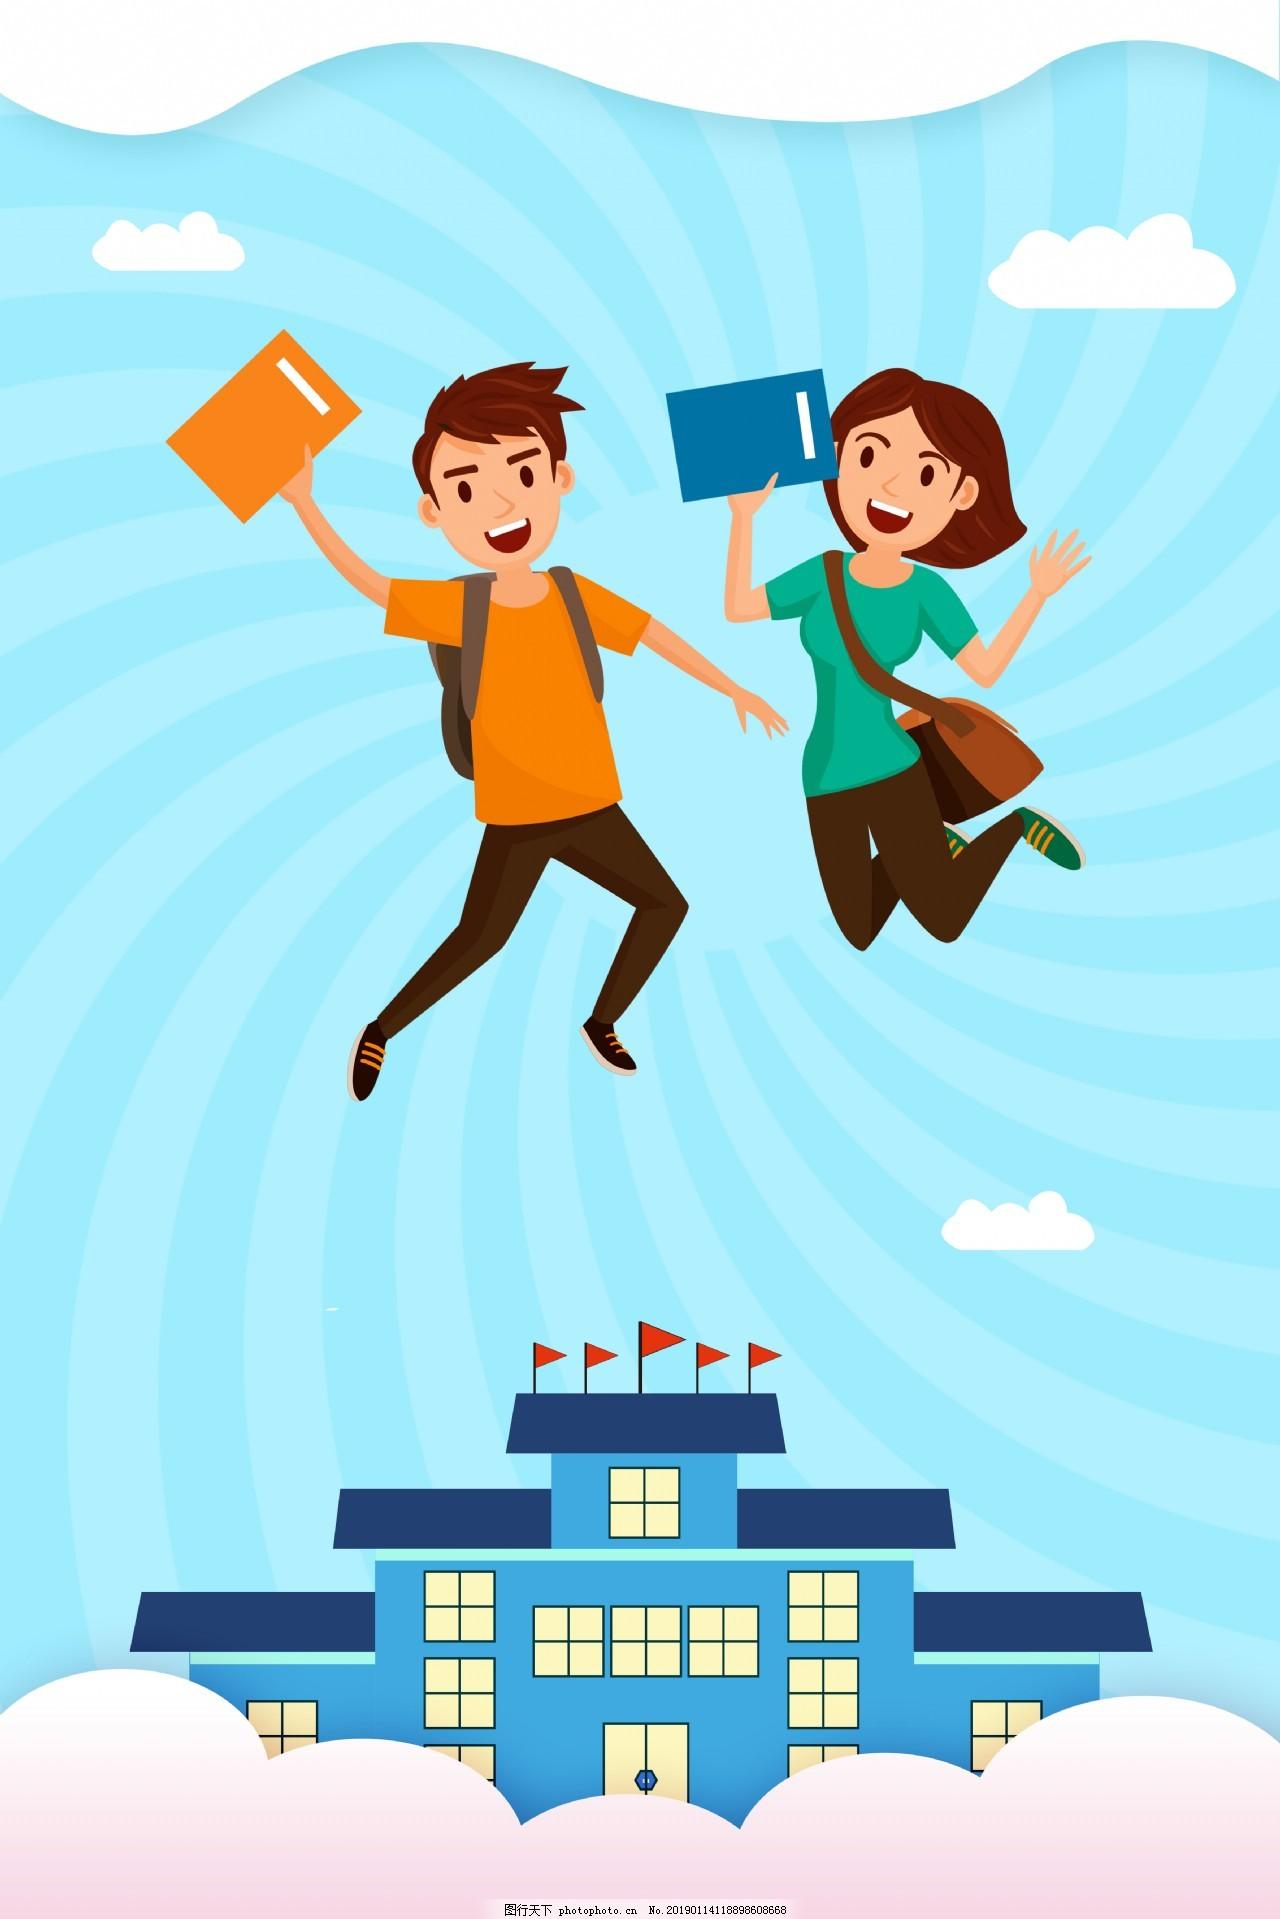 开学领跑新学期海报,开学季,优惠享不停,开学啦,开学献礼,开学海报,开学季促销